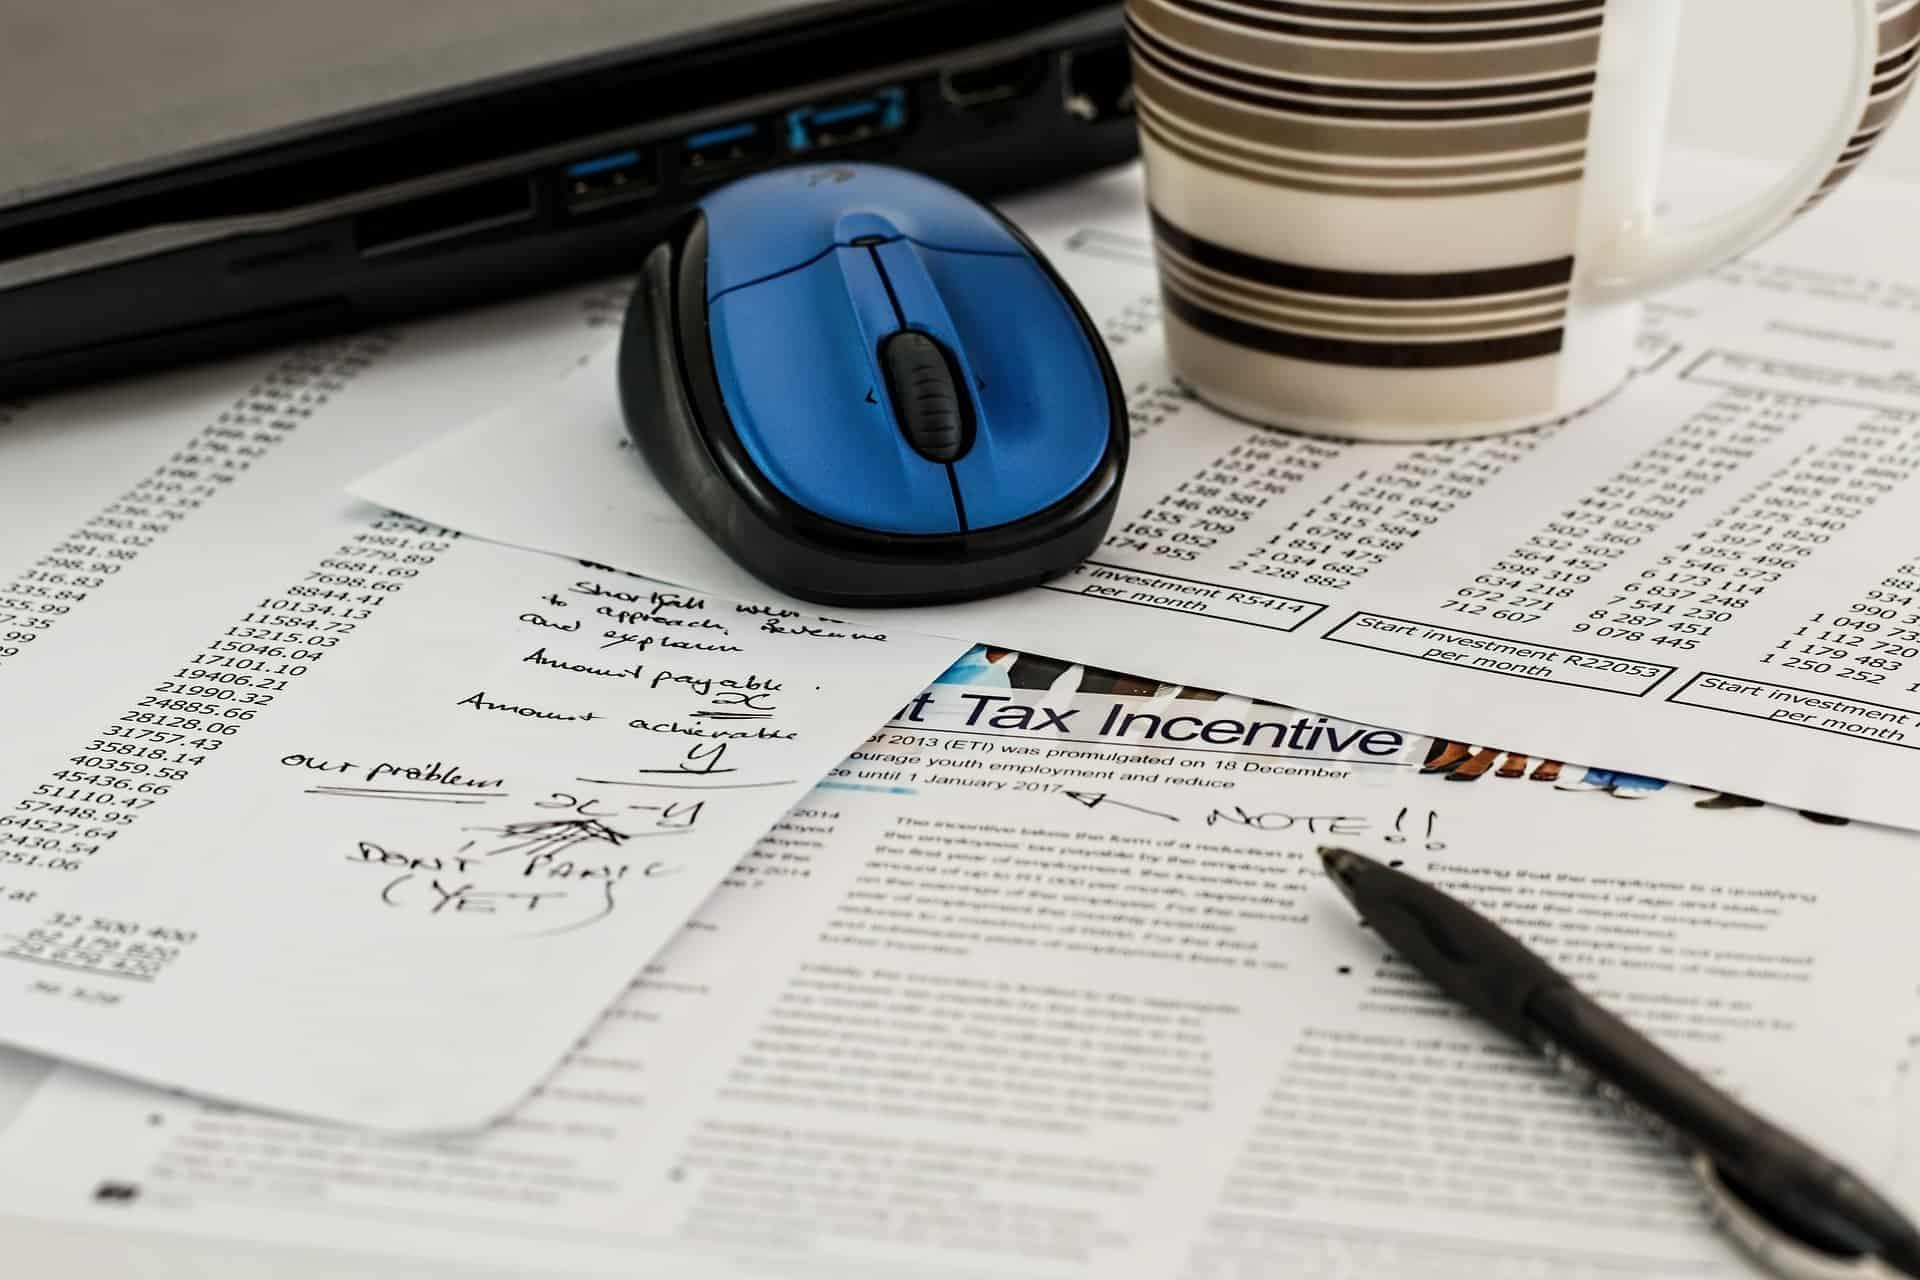 Asesoría fiscal en Sevilla: IRPF, IVA, Impuesto de Sociedades, ITPO...